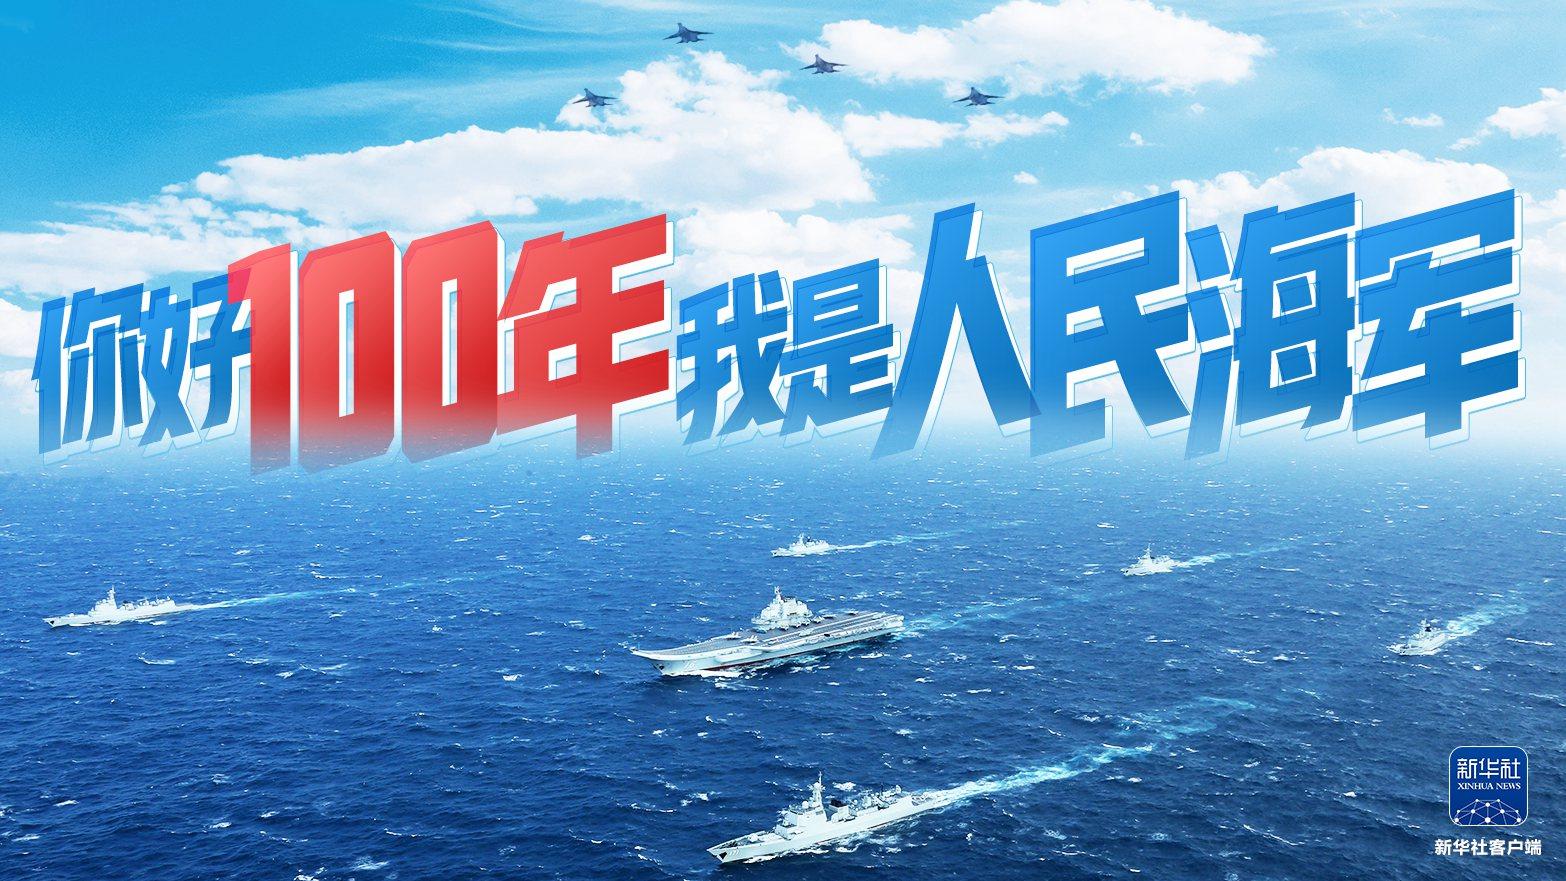 你好100年,我是人民海军,正在走向深蓝